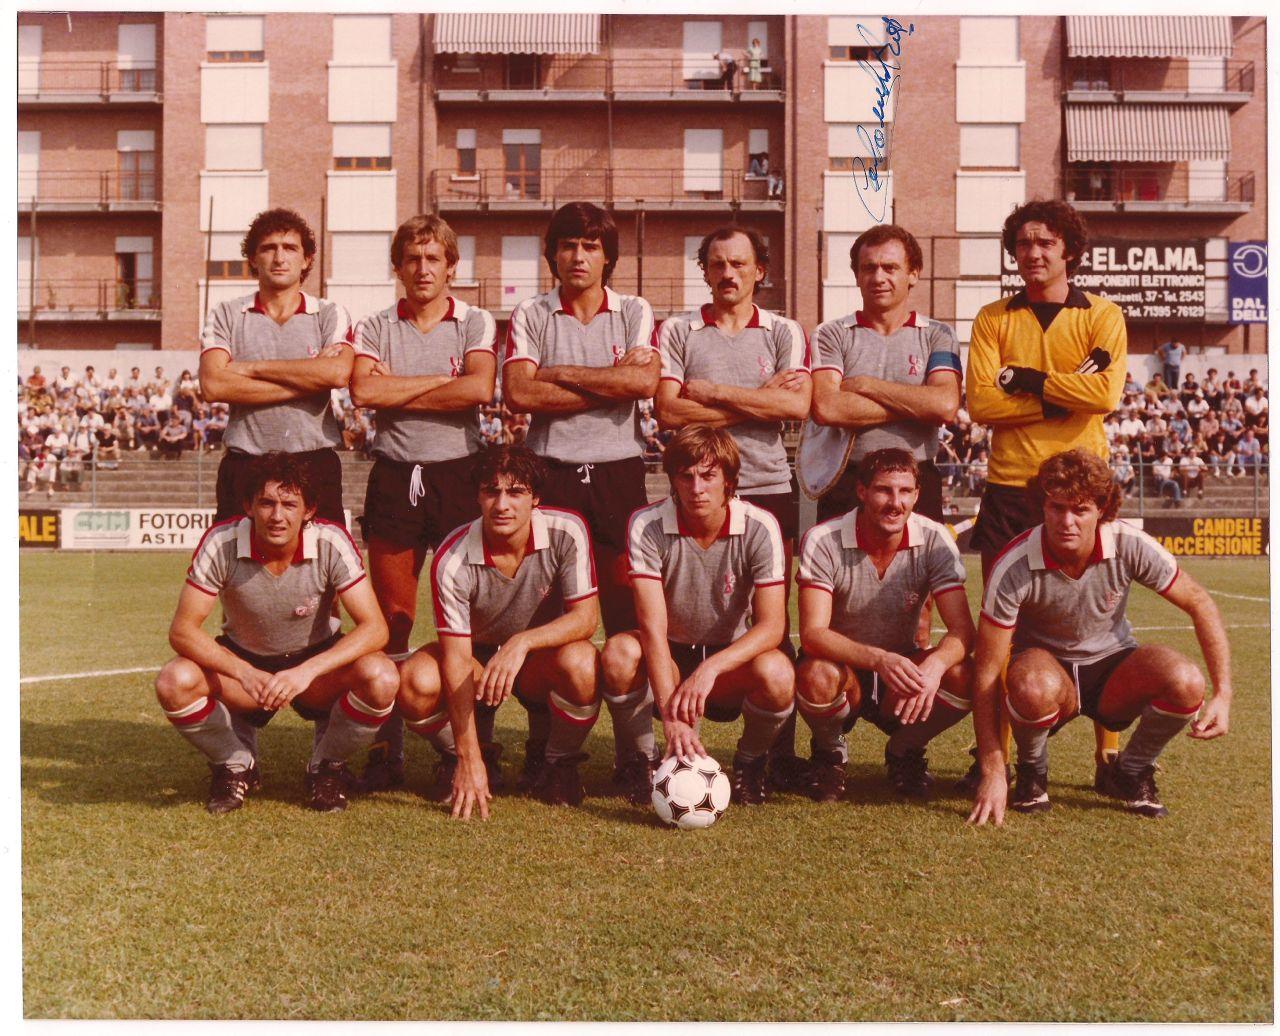 Rosso presente negli anni '80... i colori della bandiera crociata cittadina accompagnano il grigionero. Ecco la maglia 1980-81.